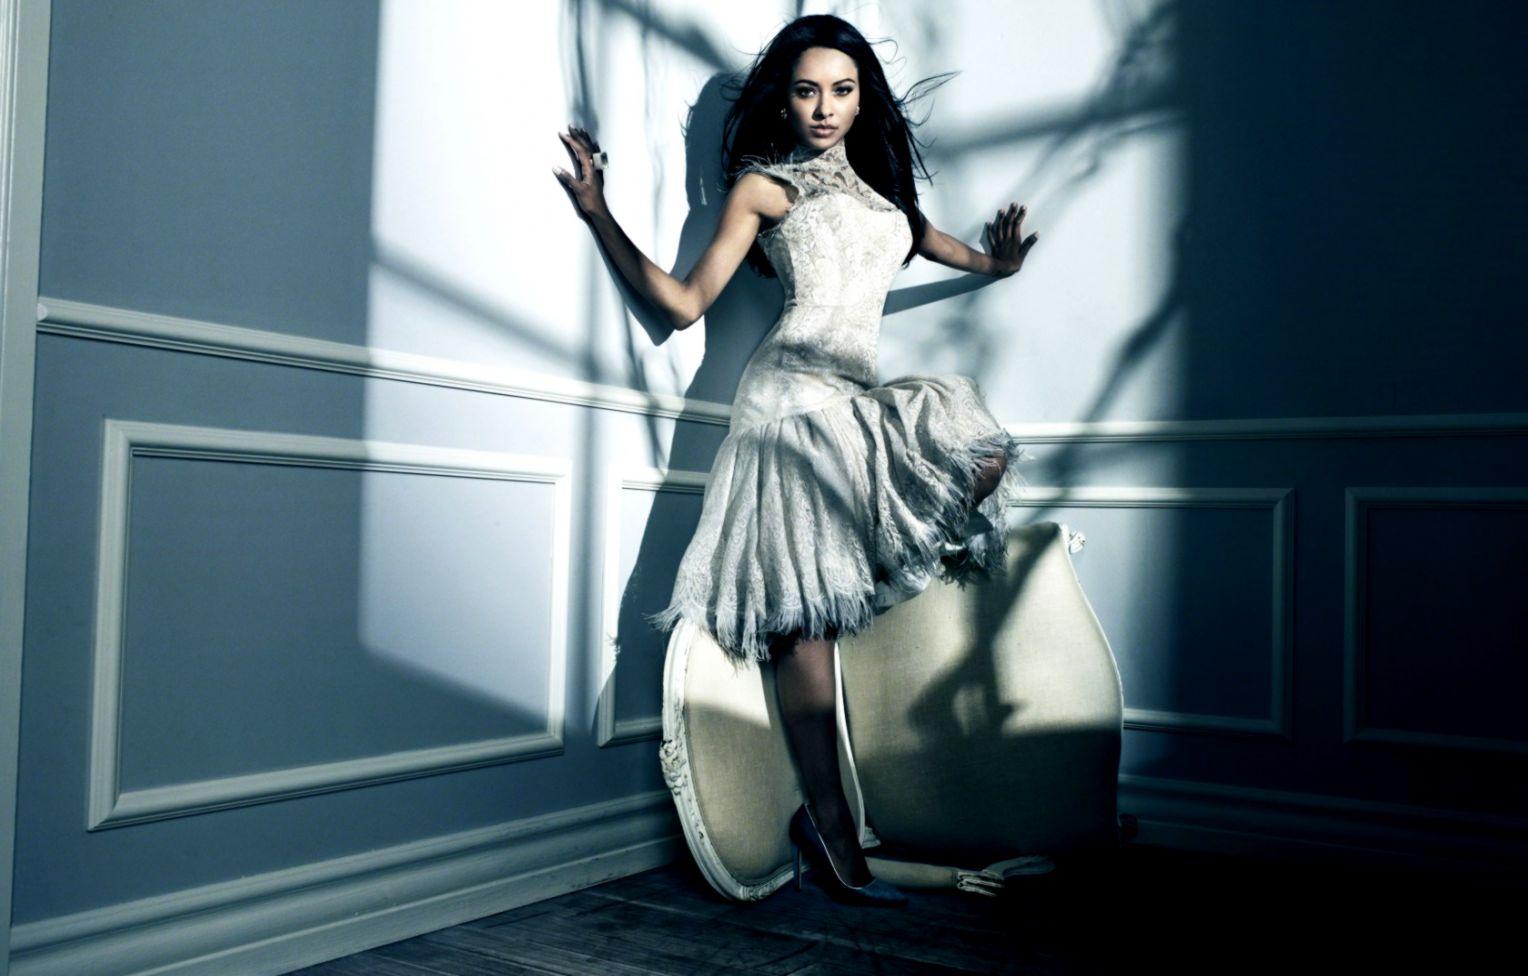 Katerina Graham Brunette Girl Actress Model Hd Wallpaper  Best